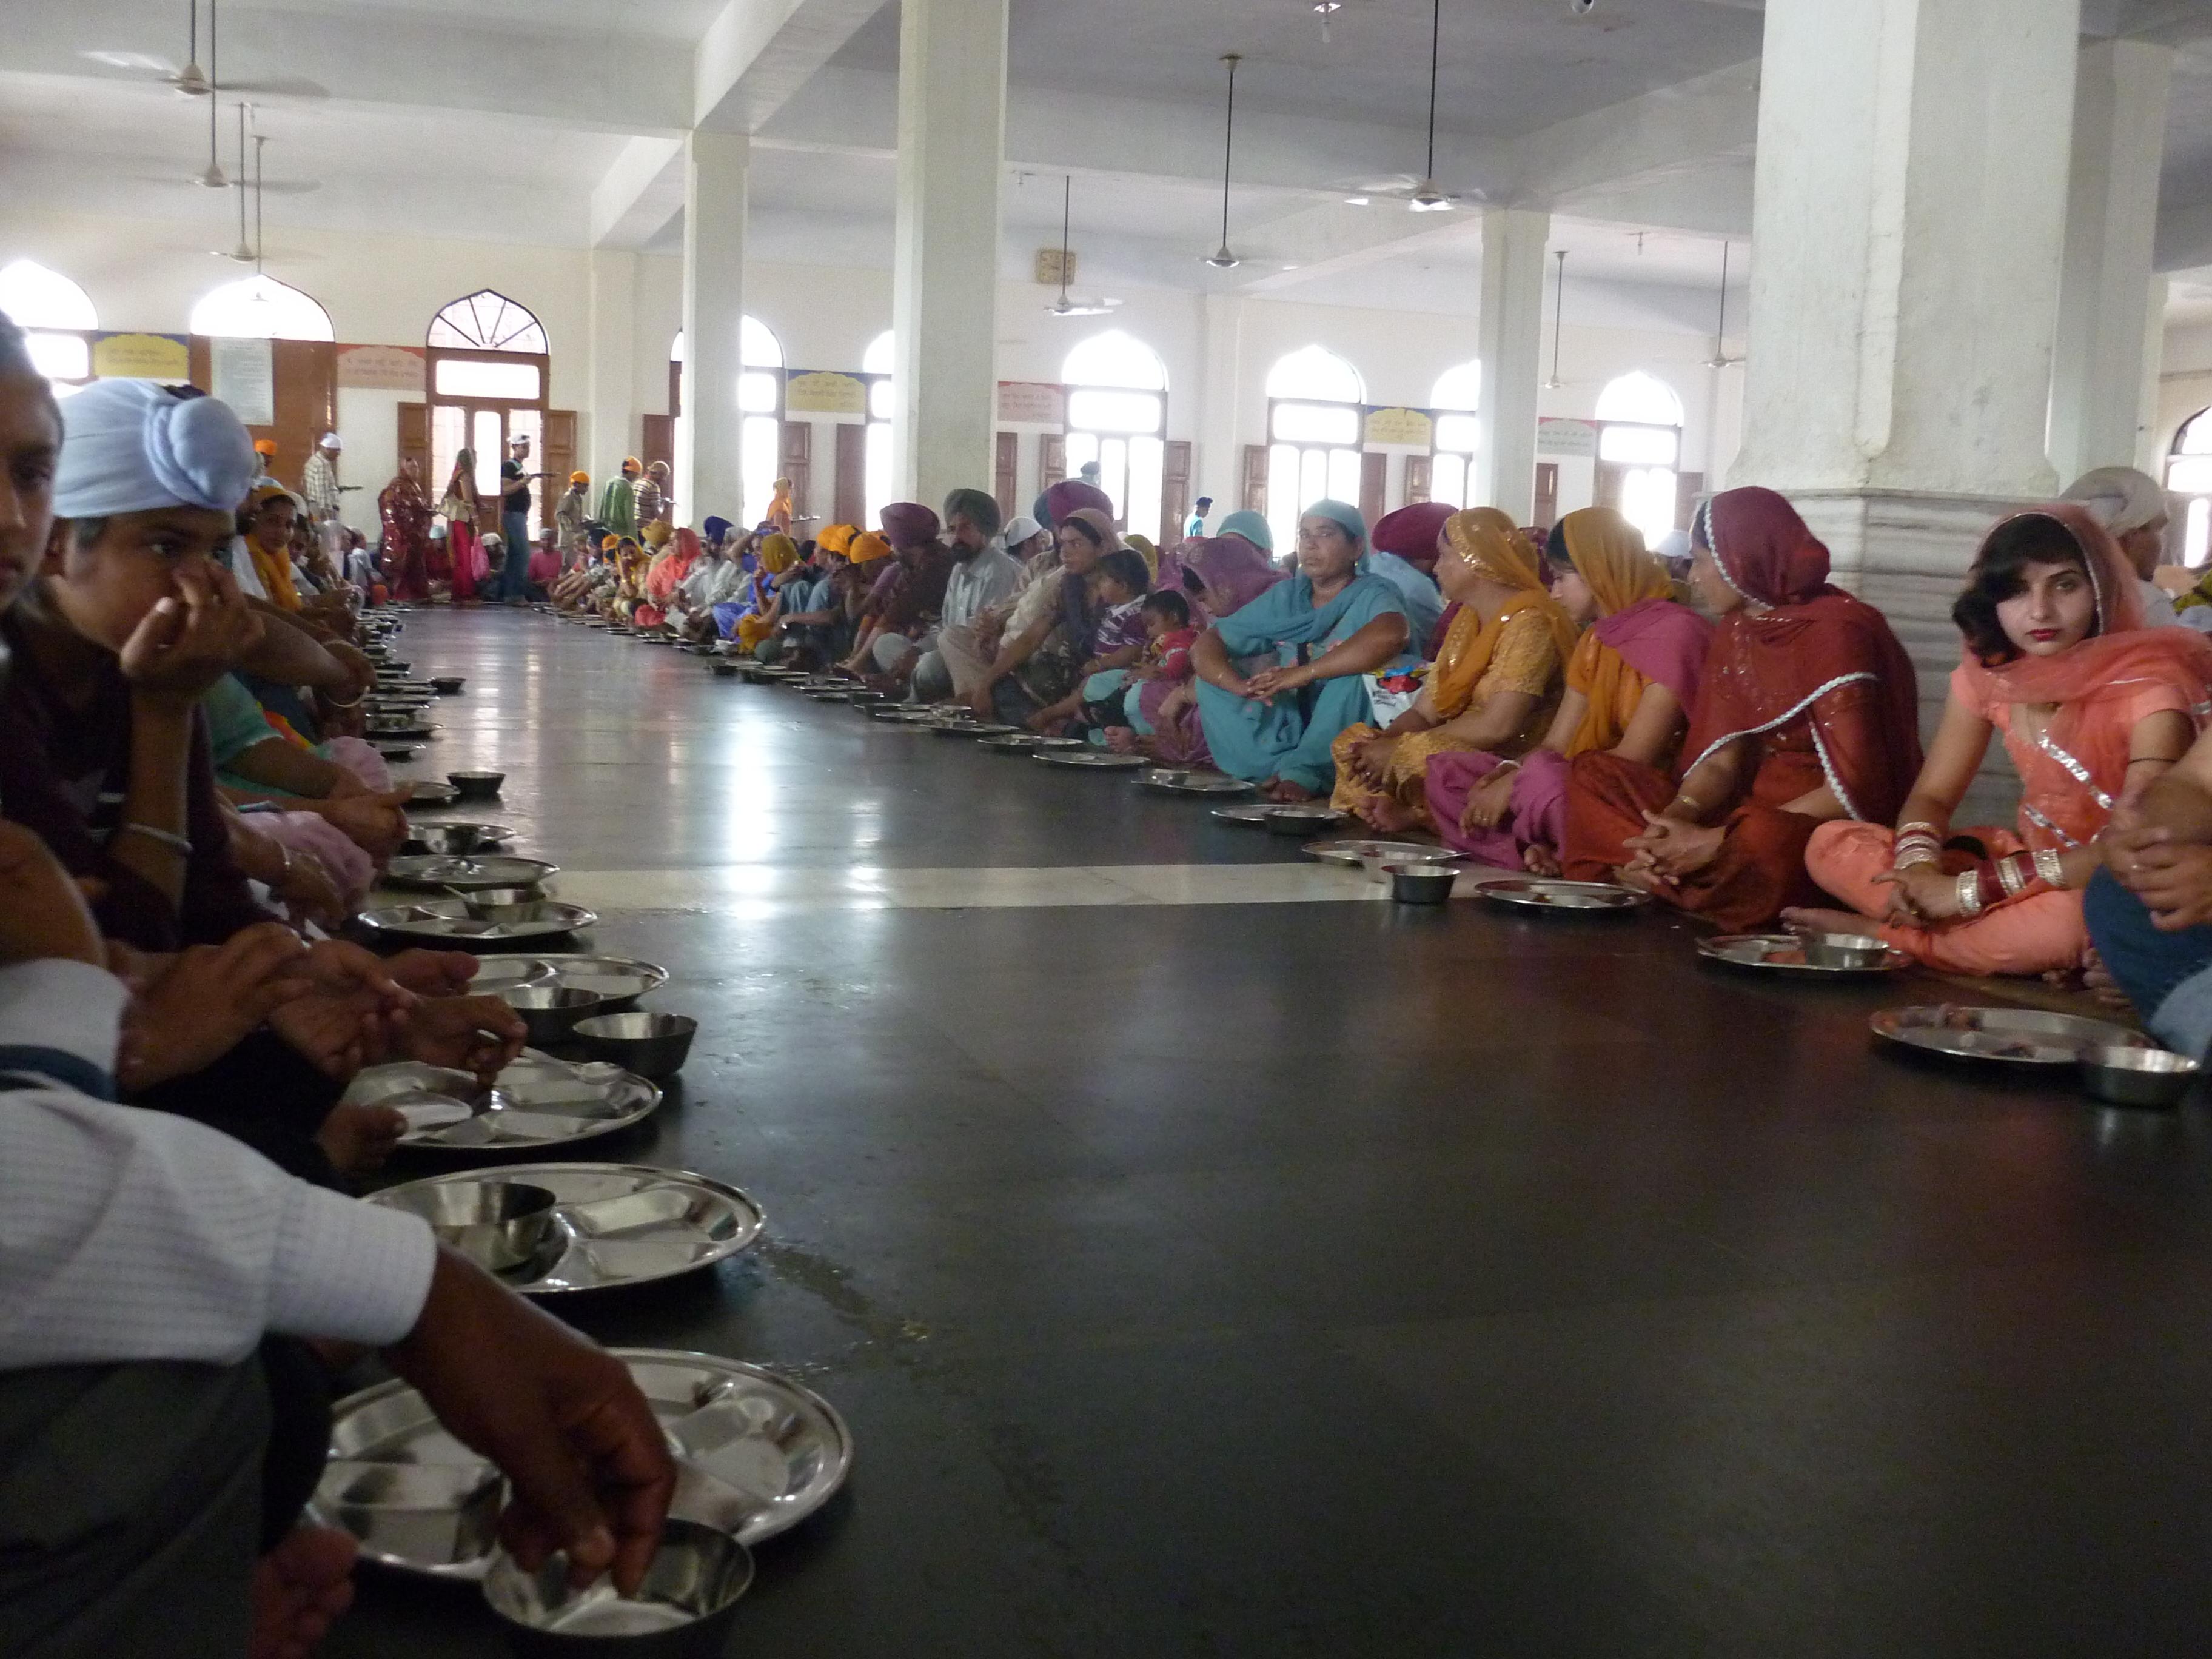 Amritsar // Die Stadt Amritsar ist das spirituelle Zentrum des Sikhismus. Viele Pilger kommen in den Bundesstaat Punjab, um wenigstens einmal in ihrem Leben einen Blick auf und in den Goldenen Tempel zu werfen, das höchste Heiligtum der Sikhs. Menschen jeglicher Religion sind willkommen und erhalten ein freies Mittagsmahl. Tausende werden tagtäglich verköstigt. So bekommt man ein Tablett aus Blech und Besteck ausgehändigt und reiht sich in einer Halle auf dem Boden ein. Freiwillige laufen durch die Reihen und servieren den Linsen-Dal aus Eimern. Ein großes Gemeinschaftsgefühl entsteht beim Essen.  Trotzdem falle ich abends alleine ins Bett und reise am nächsten Tag weiter ...